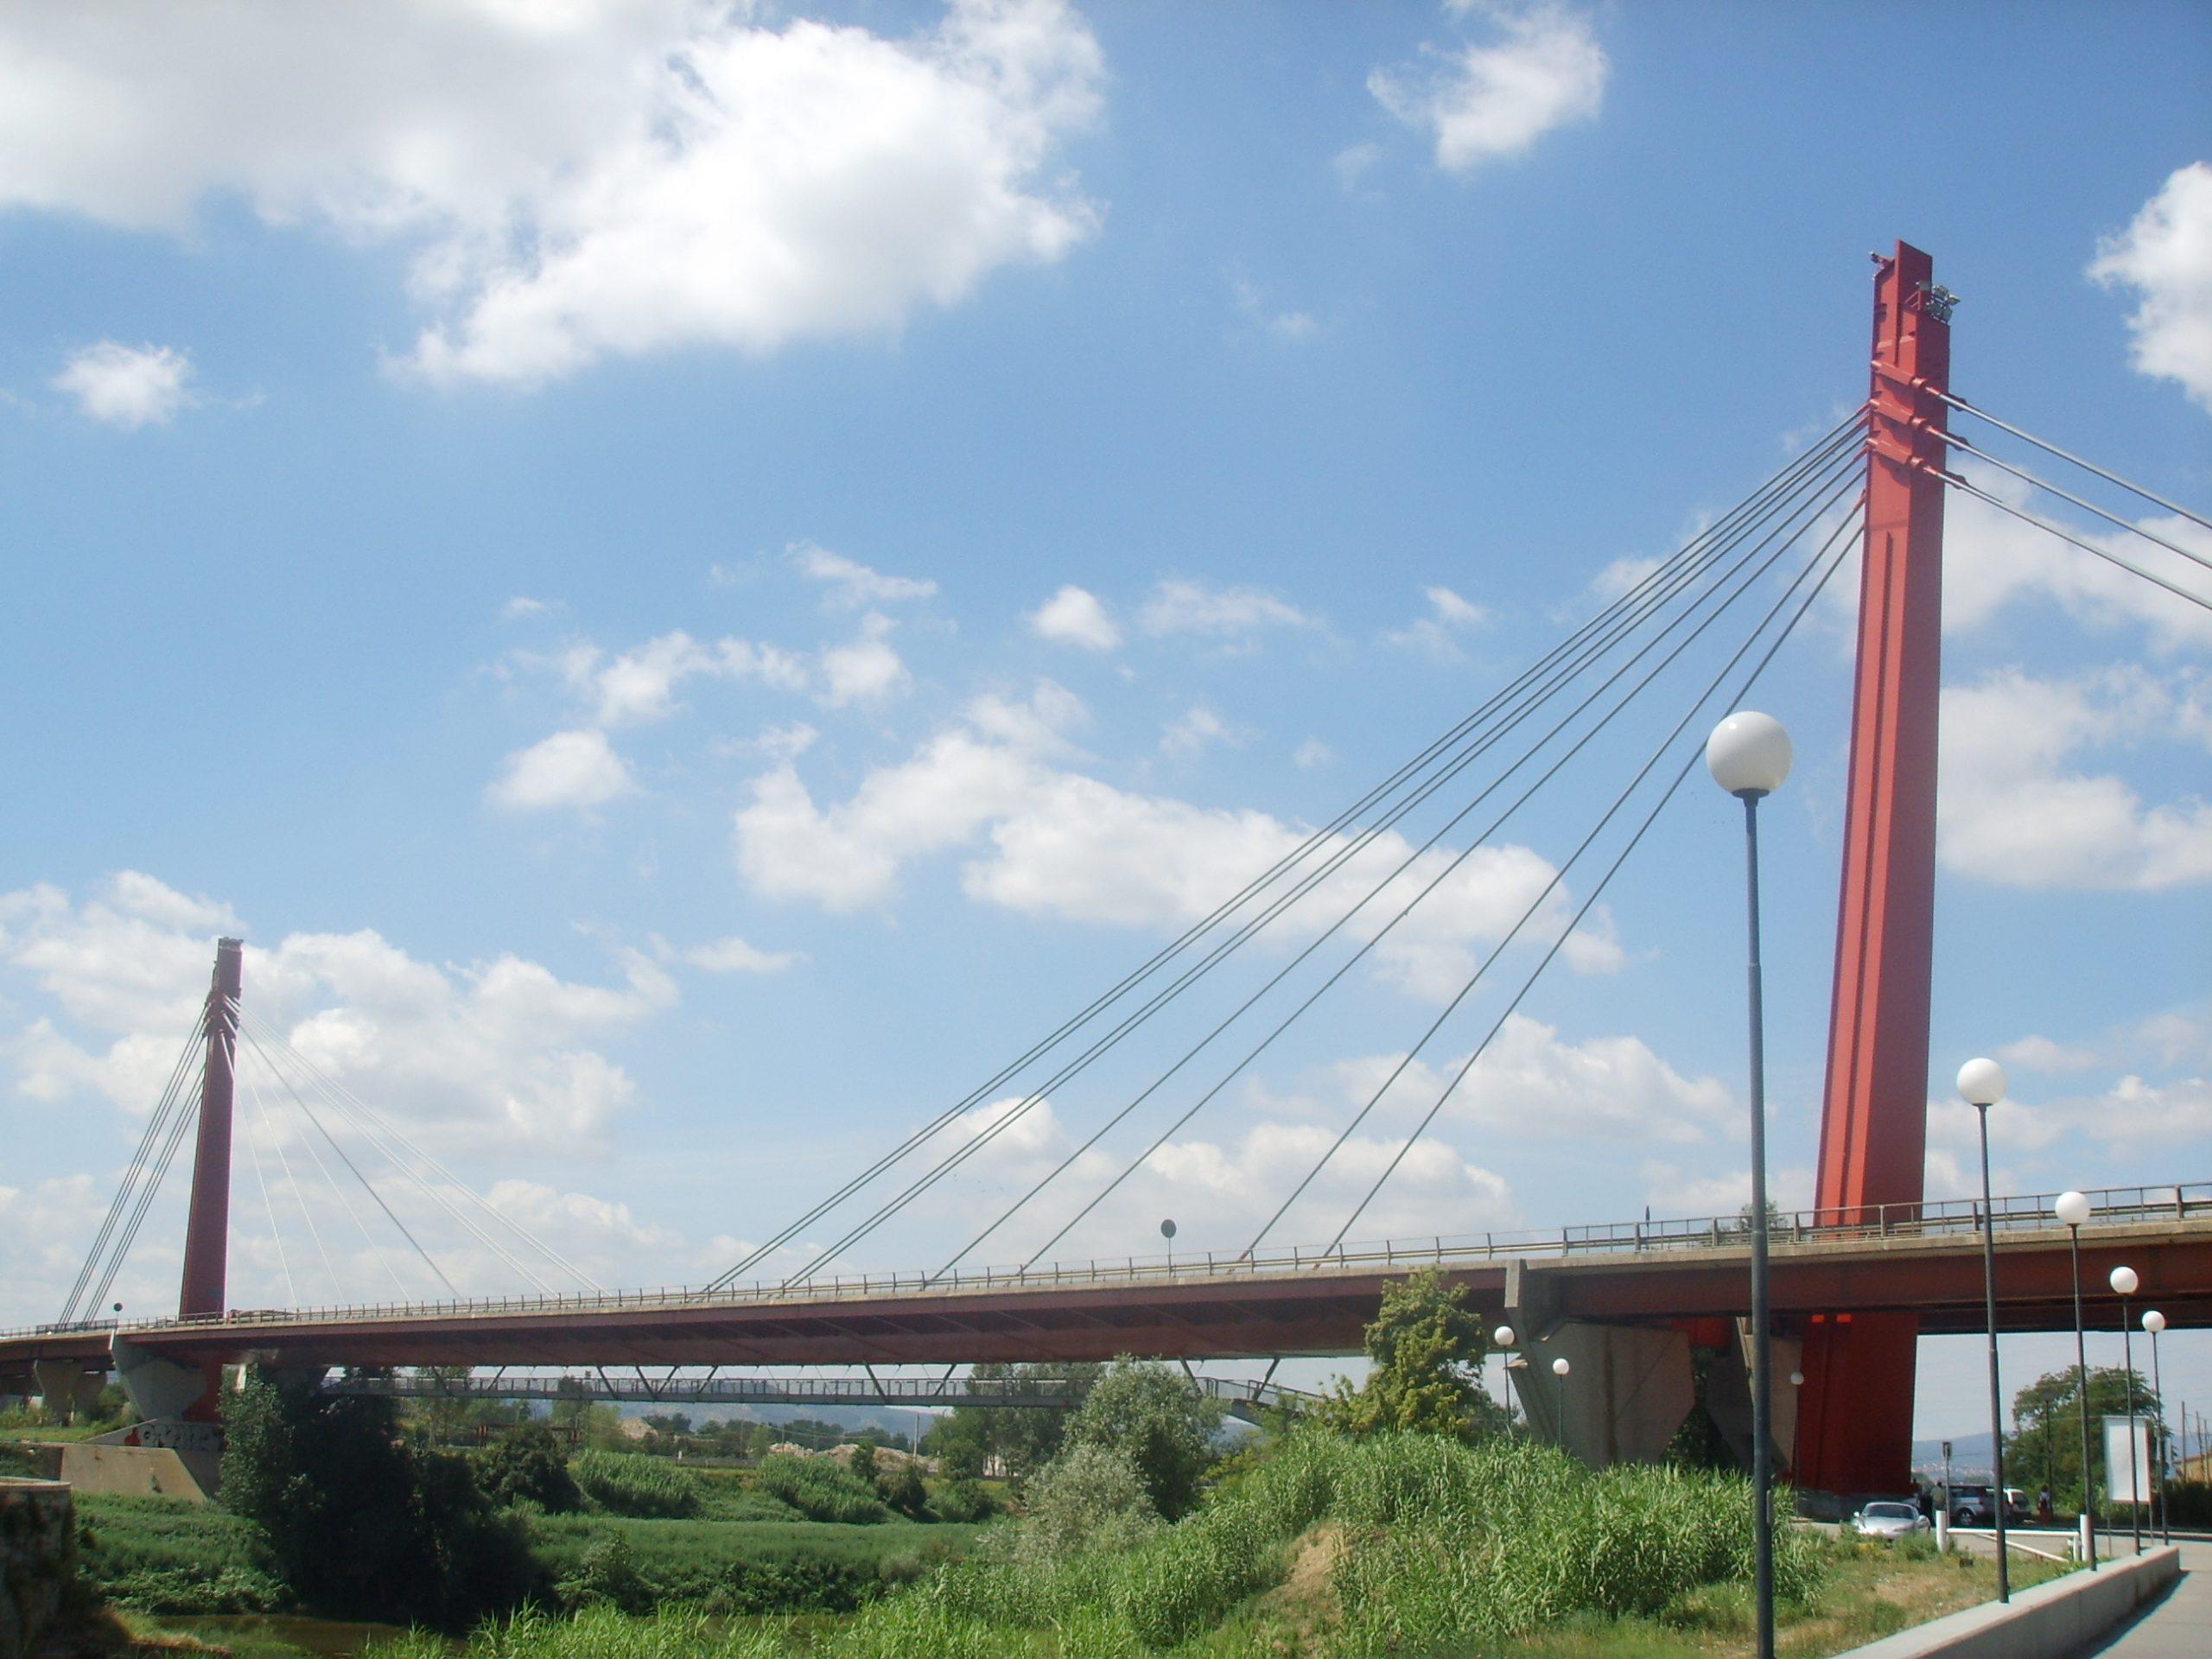 Viadotto all'Indiano, oltre 4 milioni di euro per migliorare la viabilità